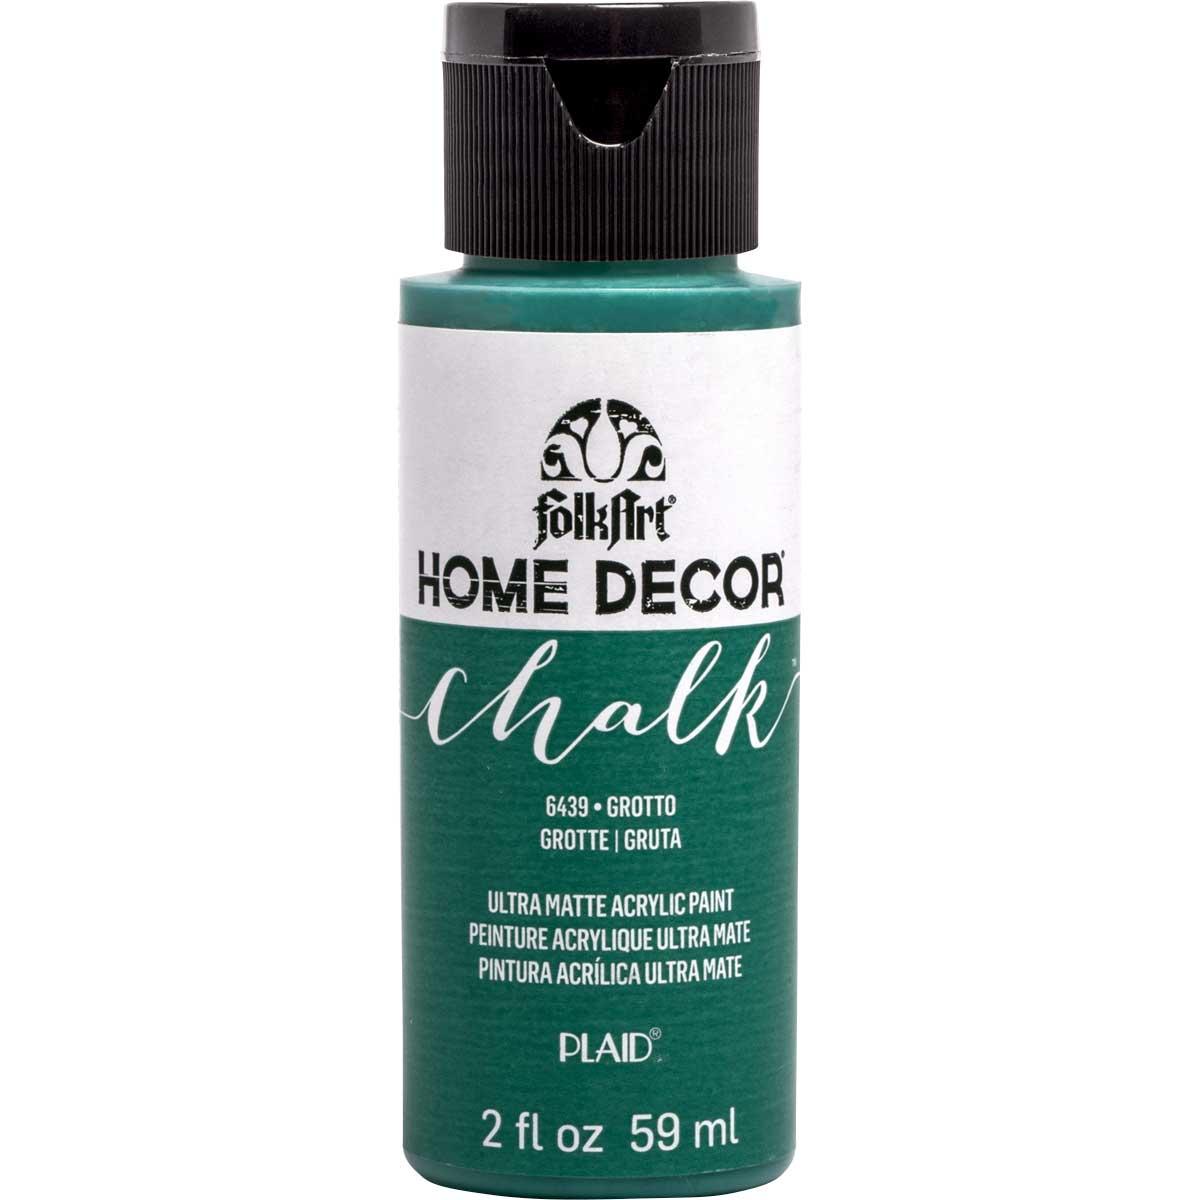 FolkArt ® Home Decor™ Chalk - Grotto, 2 oz. - 6439